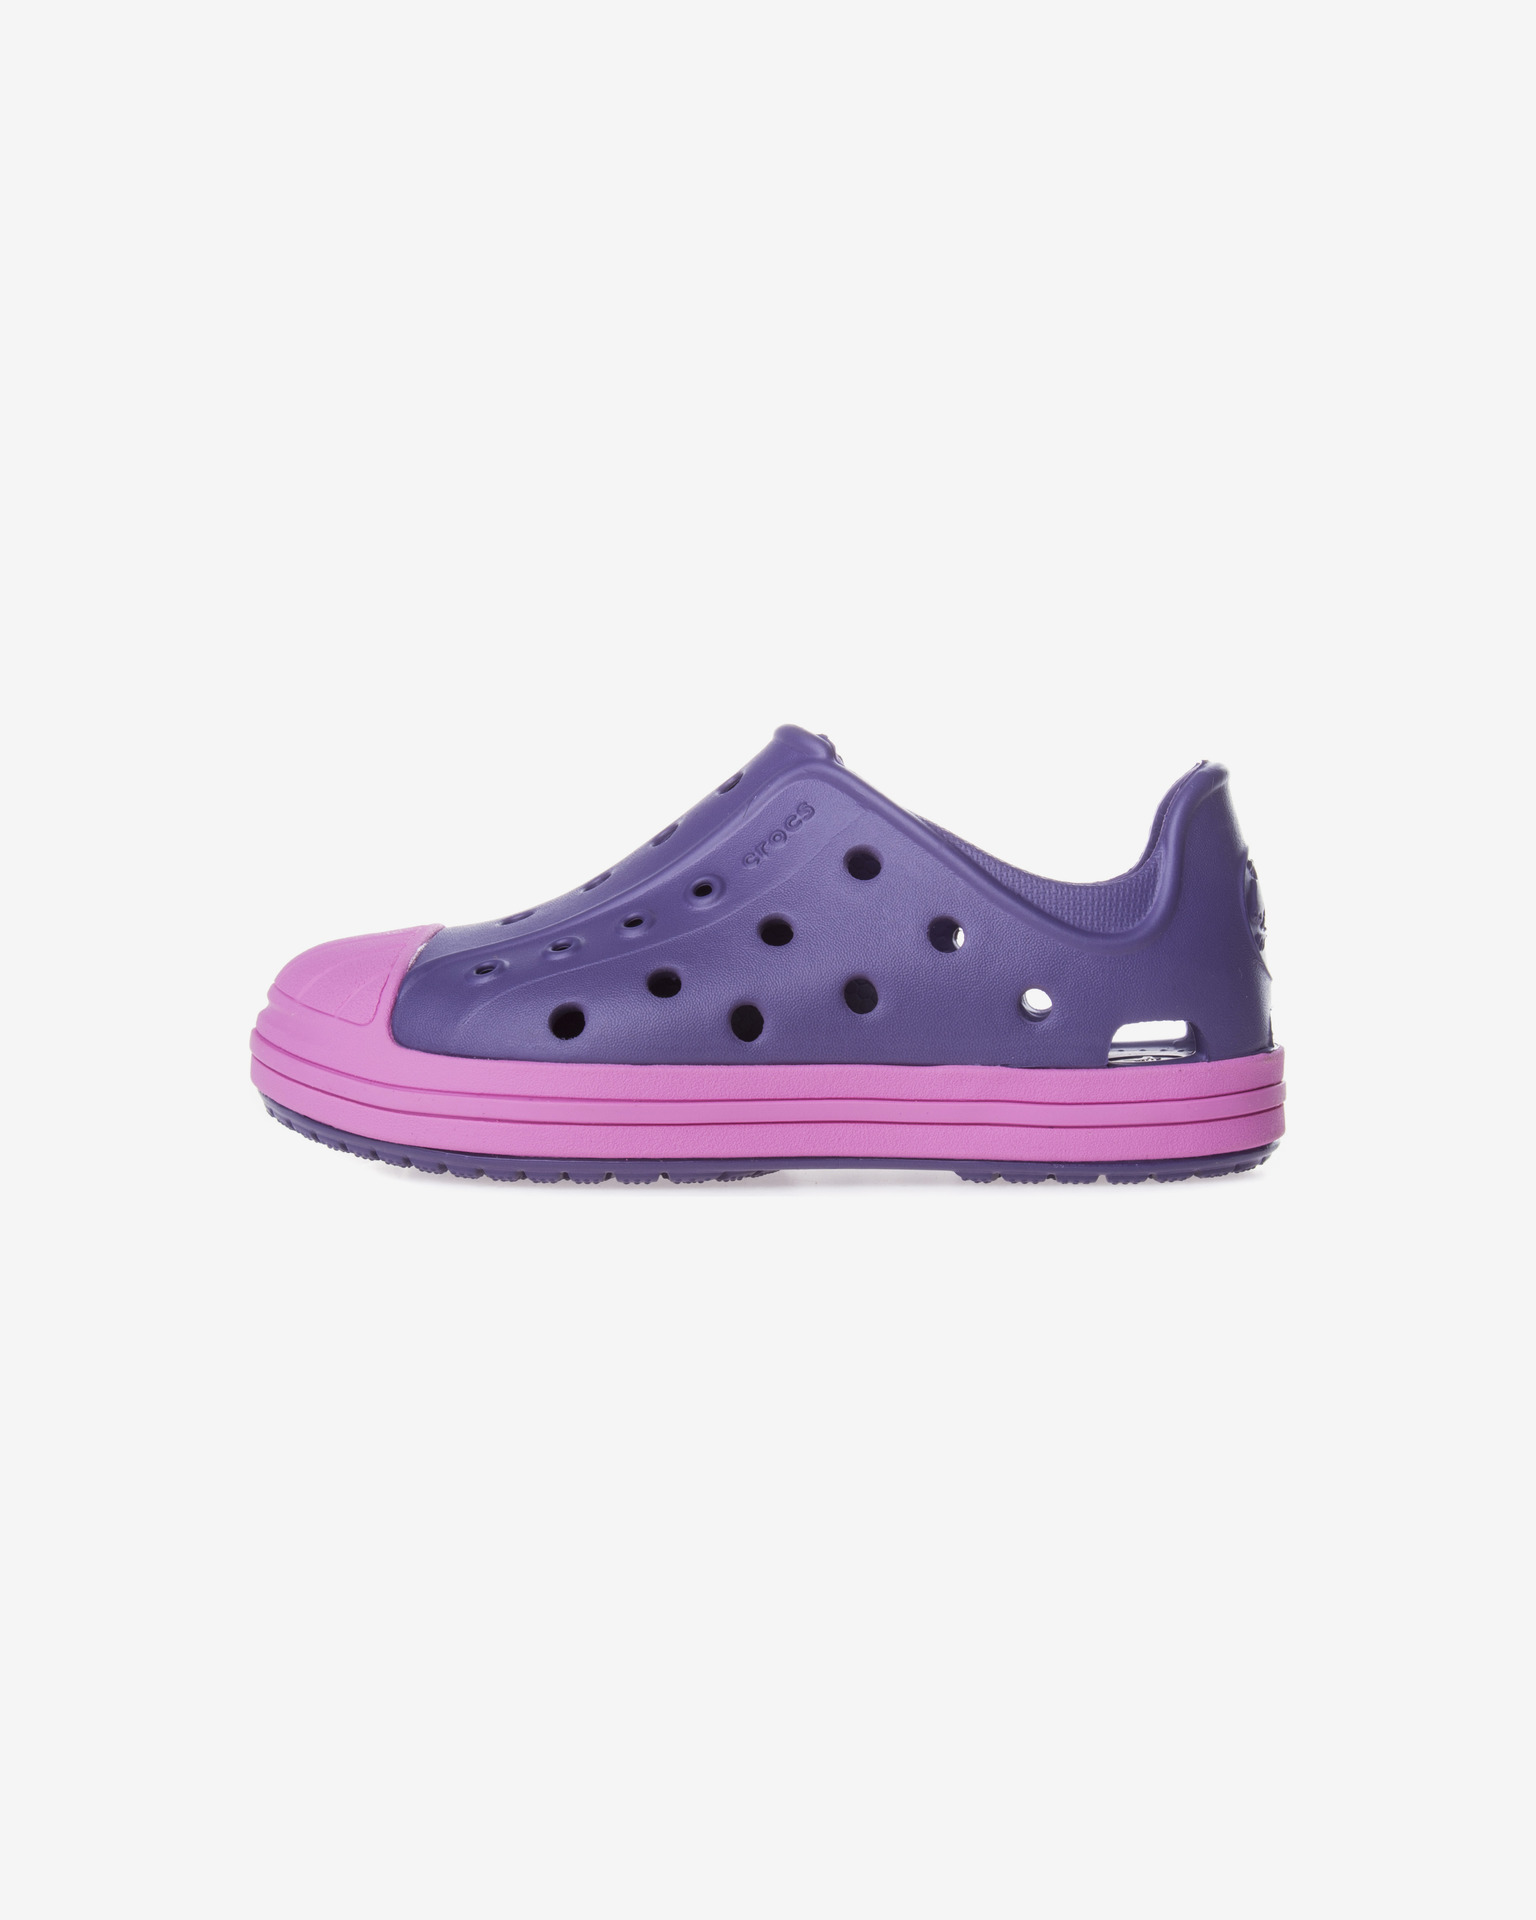 Bump It Shoe Crocs dětské Crocs | Fialová | Dívčí | 22-23